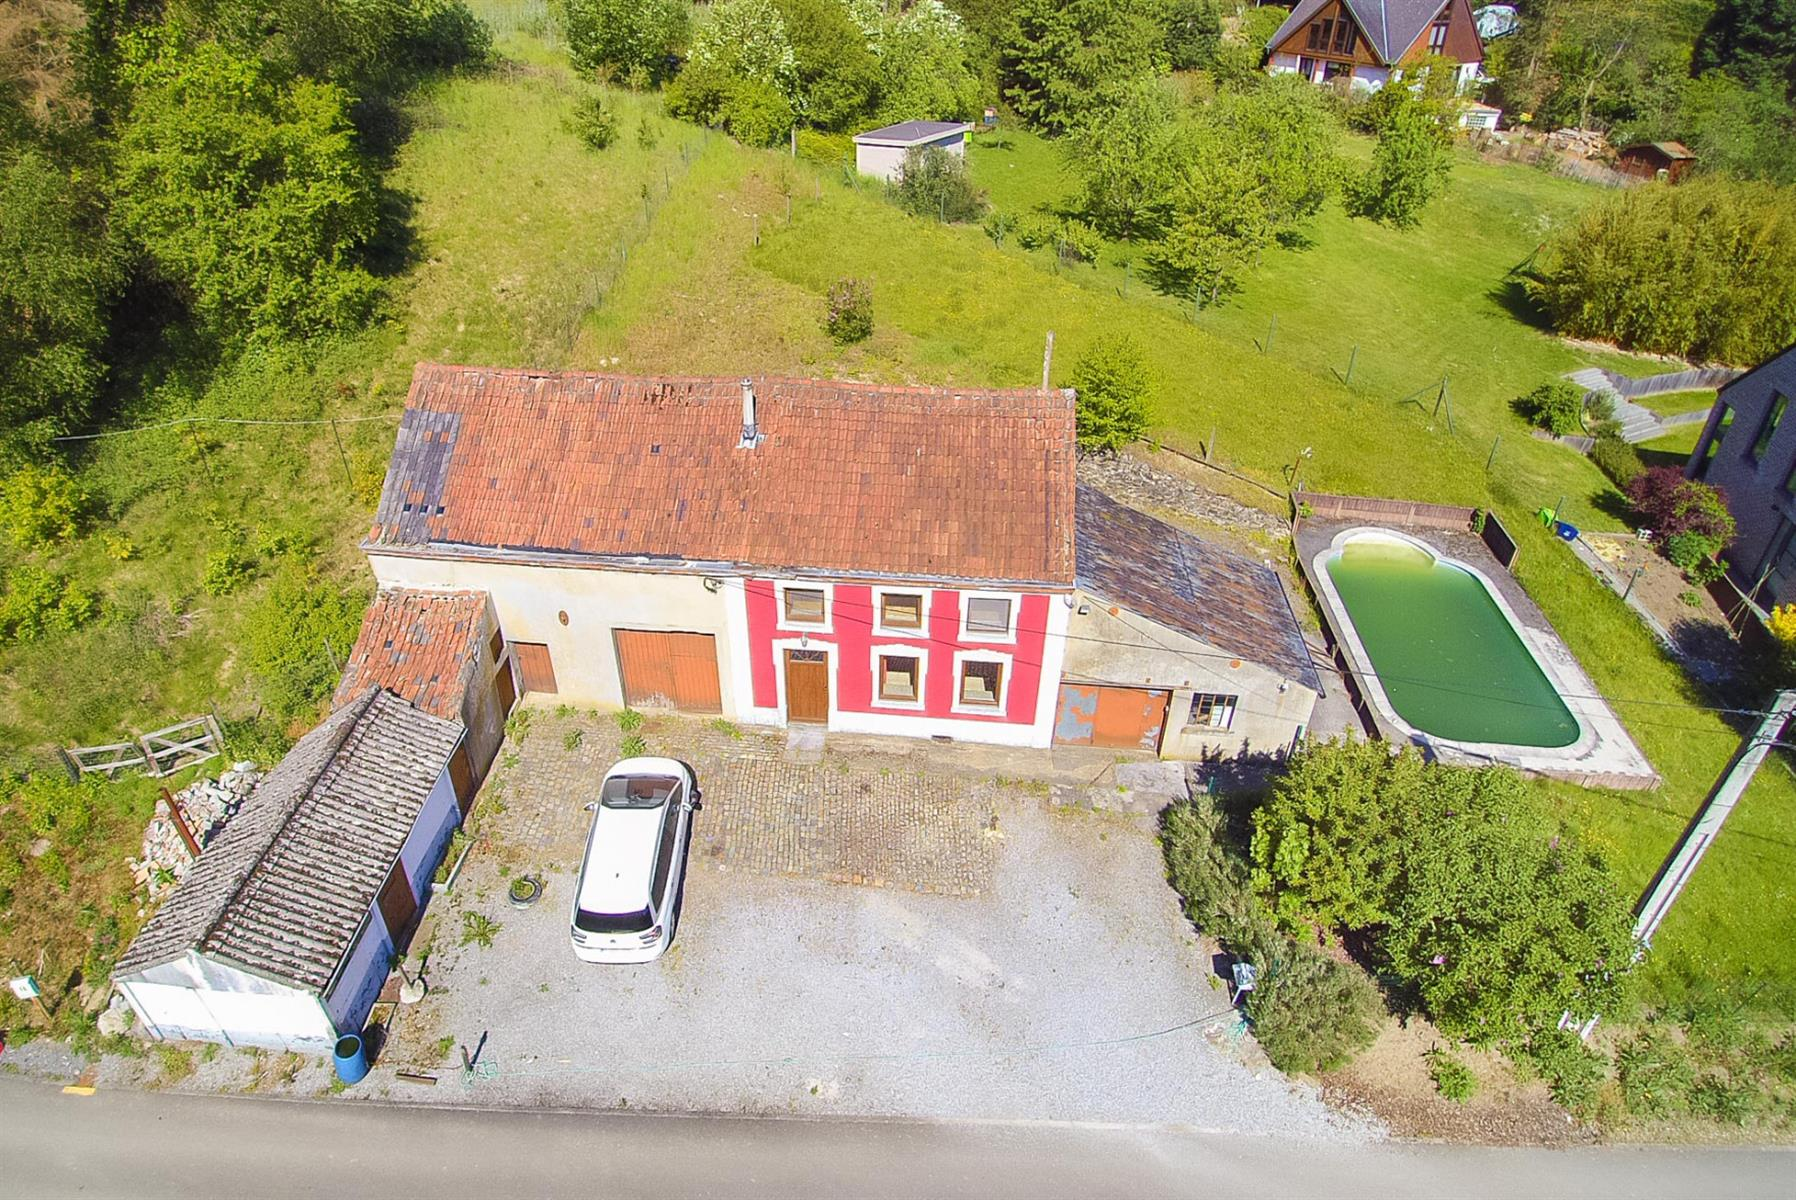 Maison - Chaumont-Gistoux - #3849419-20